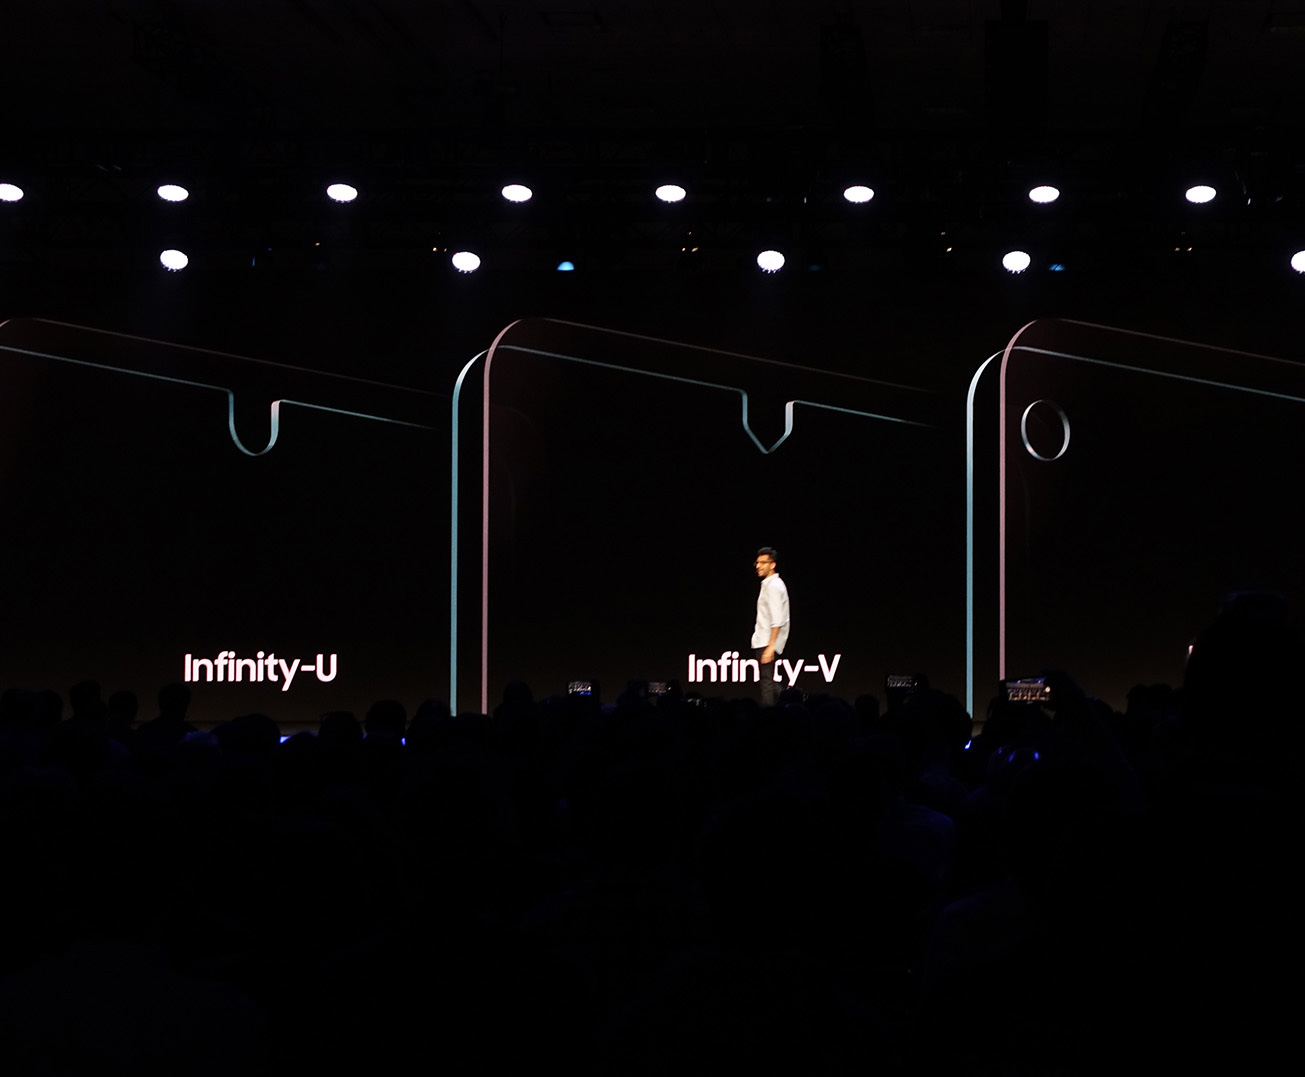 Samsung mostrando las solapas de futuros smartphones